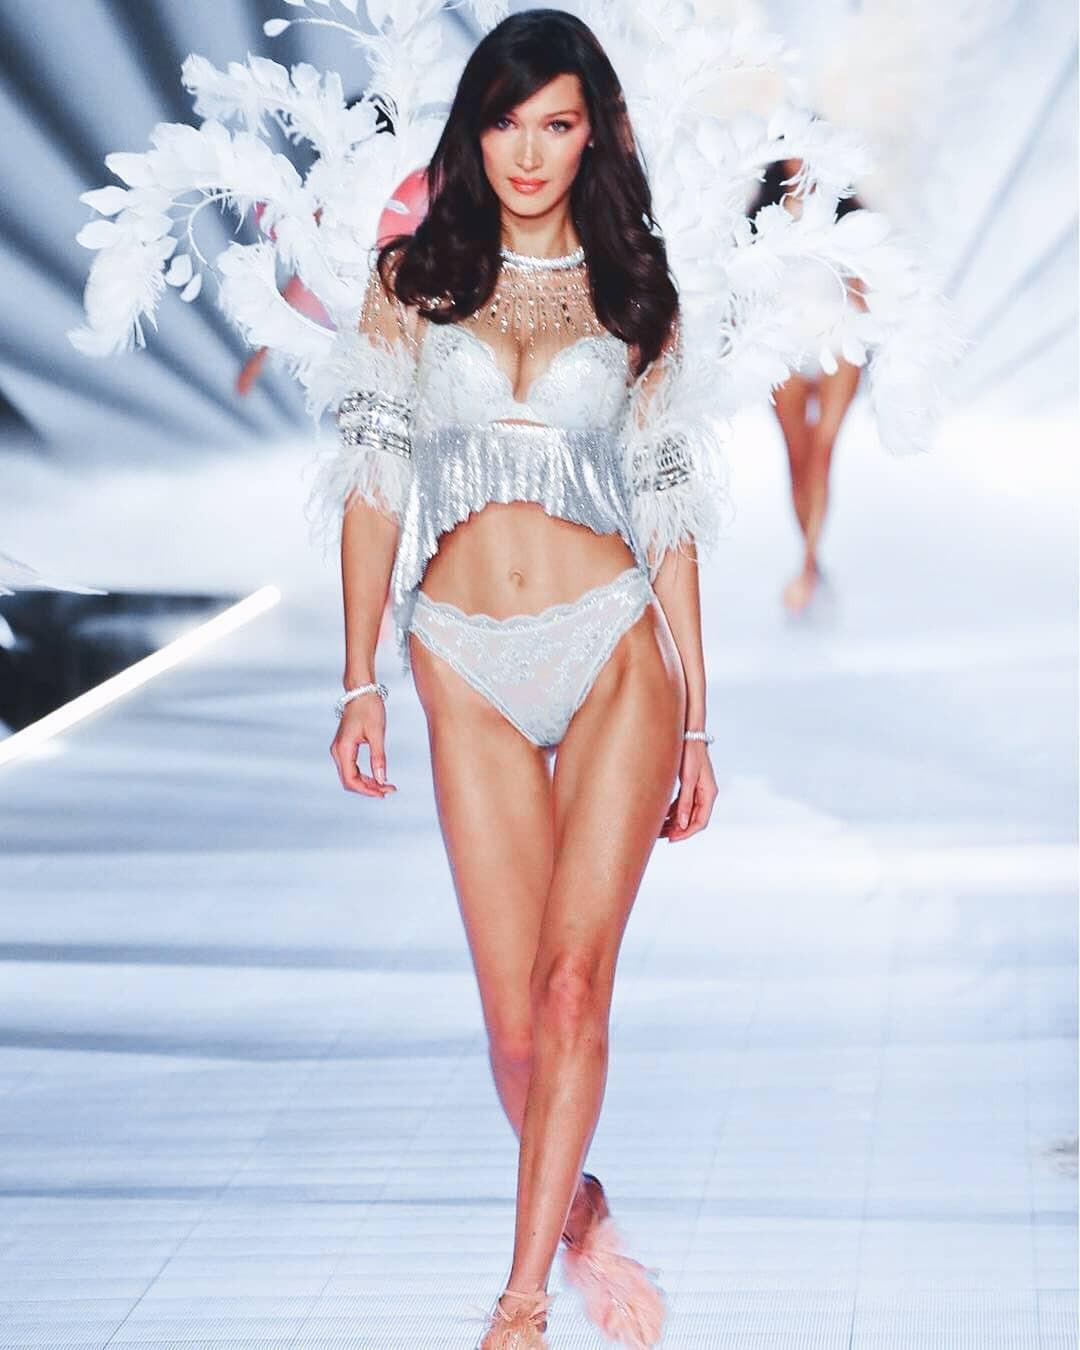 Khoảnh khắc các Instagirl hội tụ tại Victorias Secret 2018: Khi những nút like MXH cũng tạo ra được thế hệ thiên thần nội y mới - Ảnh 5.